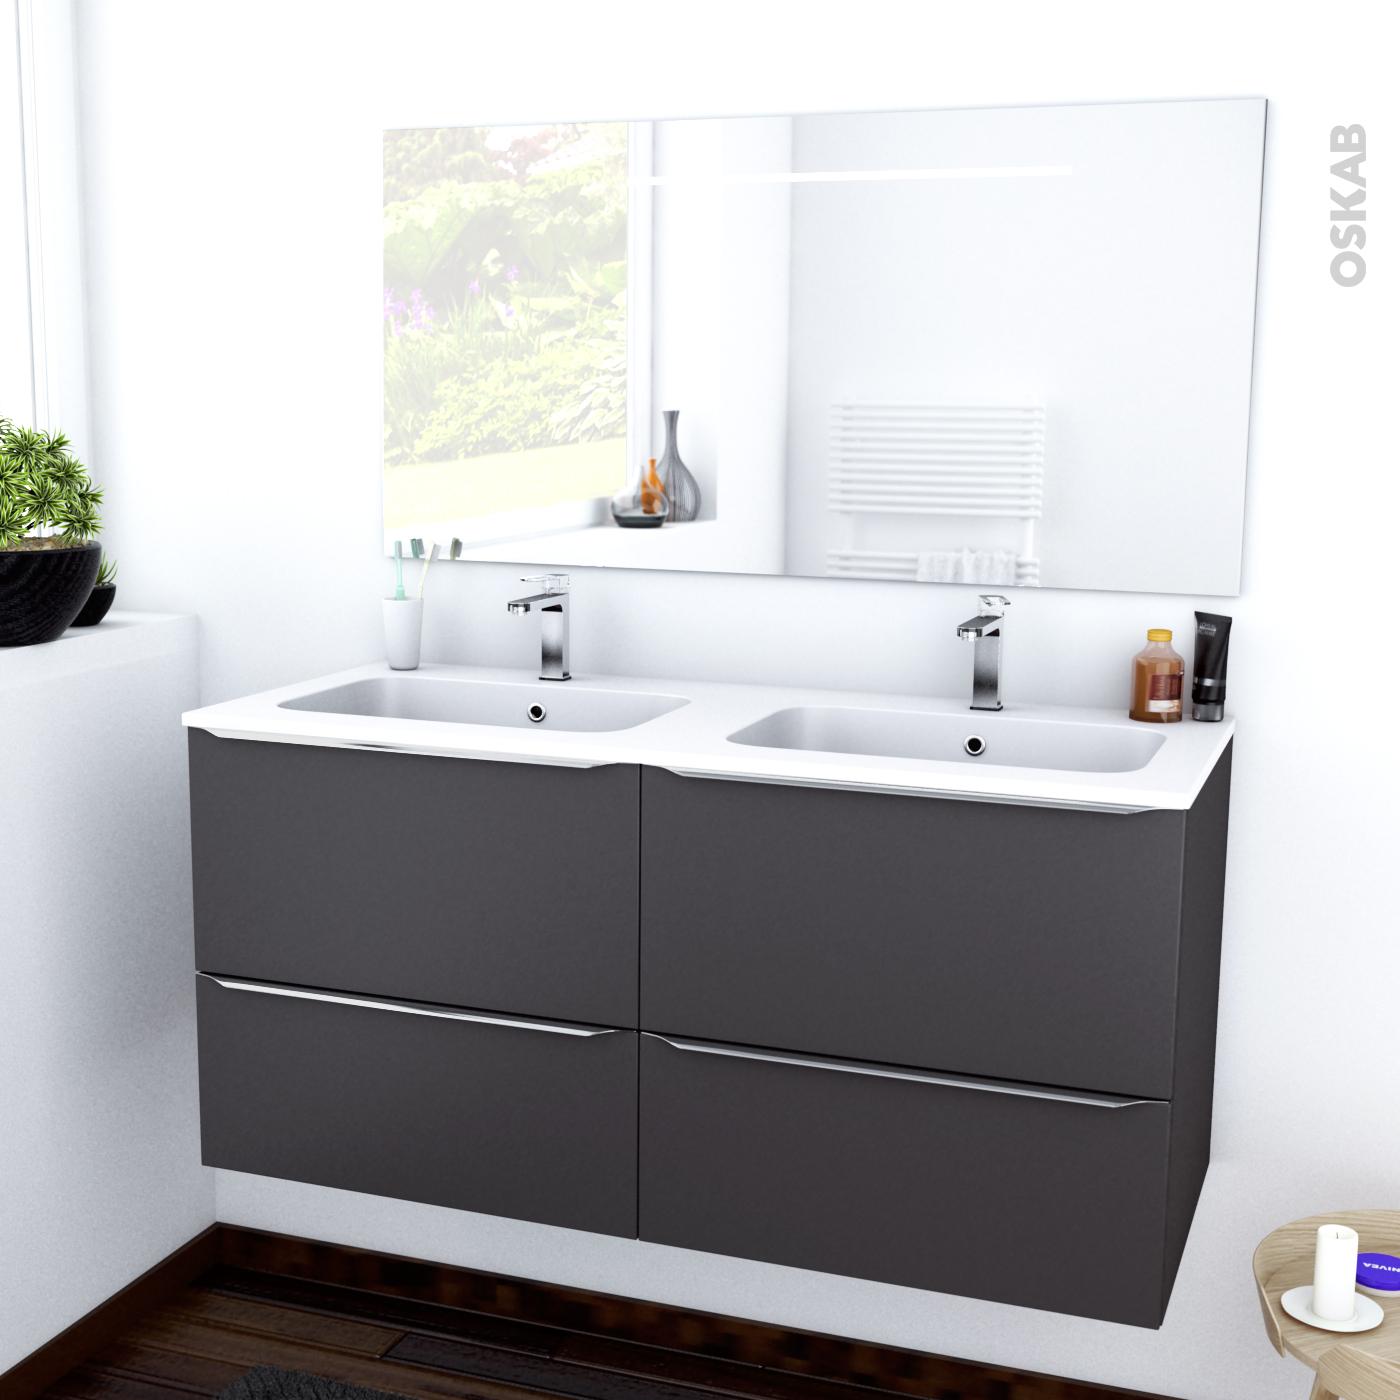 ensemble salle de bains gris 120cm plan vasque resine miroir retroeclaire ginko oskab Résultat Supérieur 15 Merveilleux Meuble Sdb 120 Double Vasque Galerie 2017 Hht5